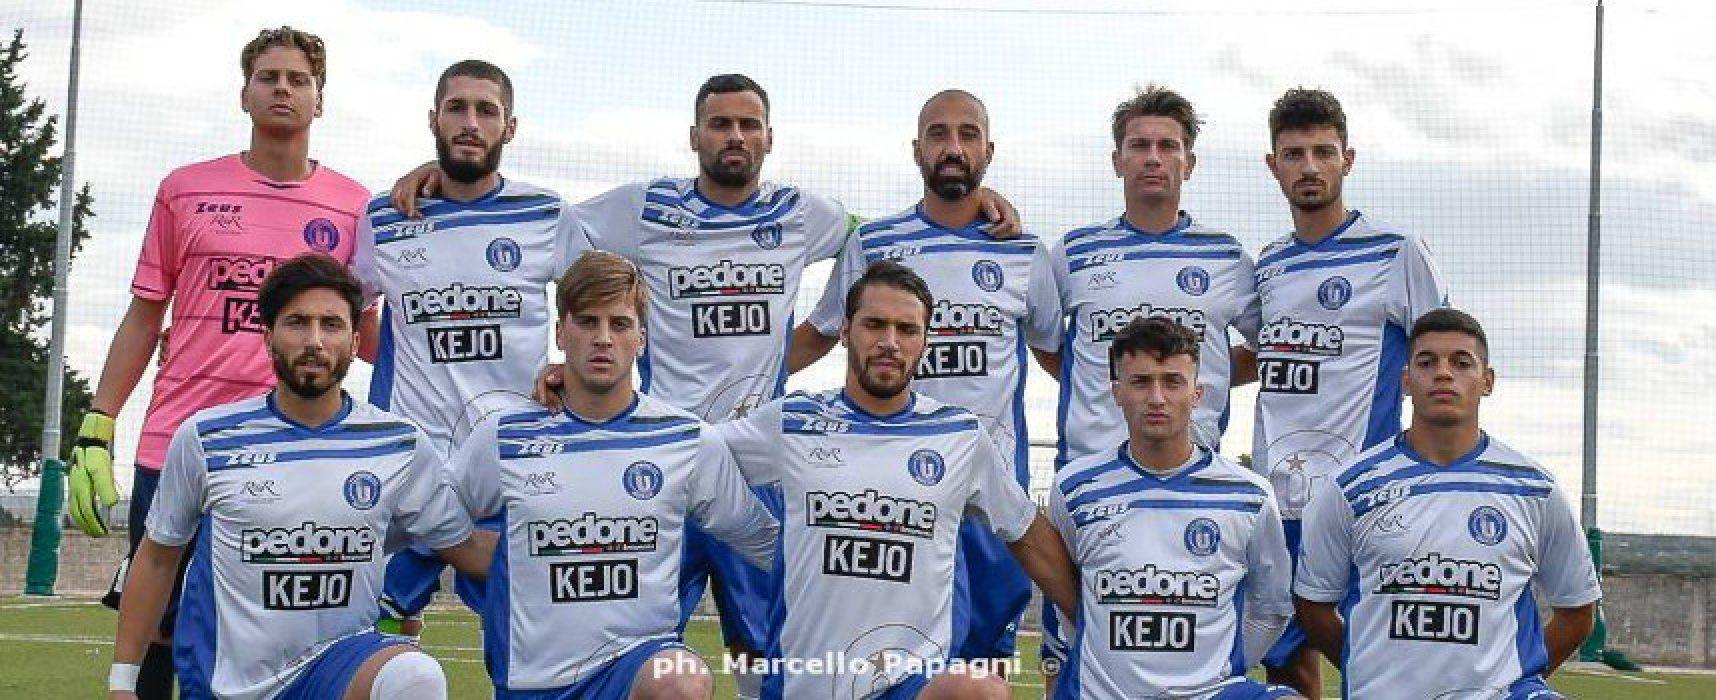 Unione Calcio, trasferta ad Otranto con i nuovi innesti